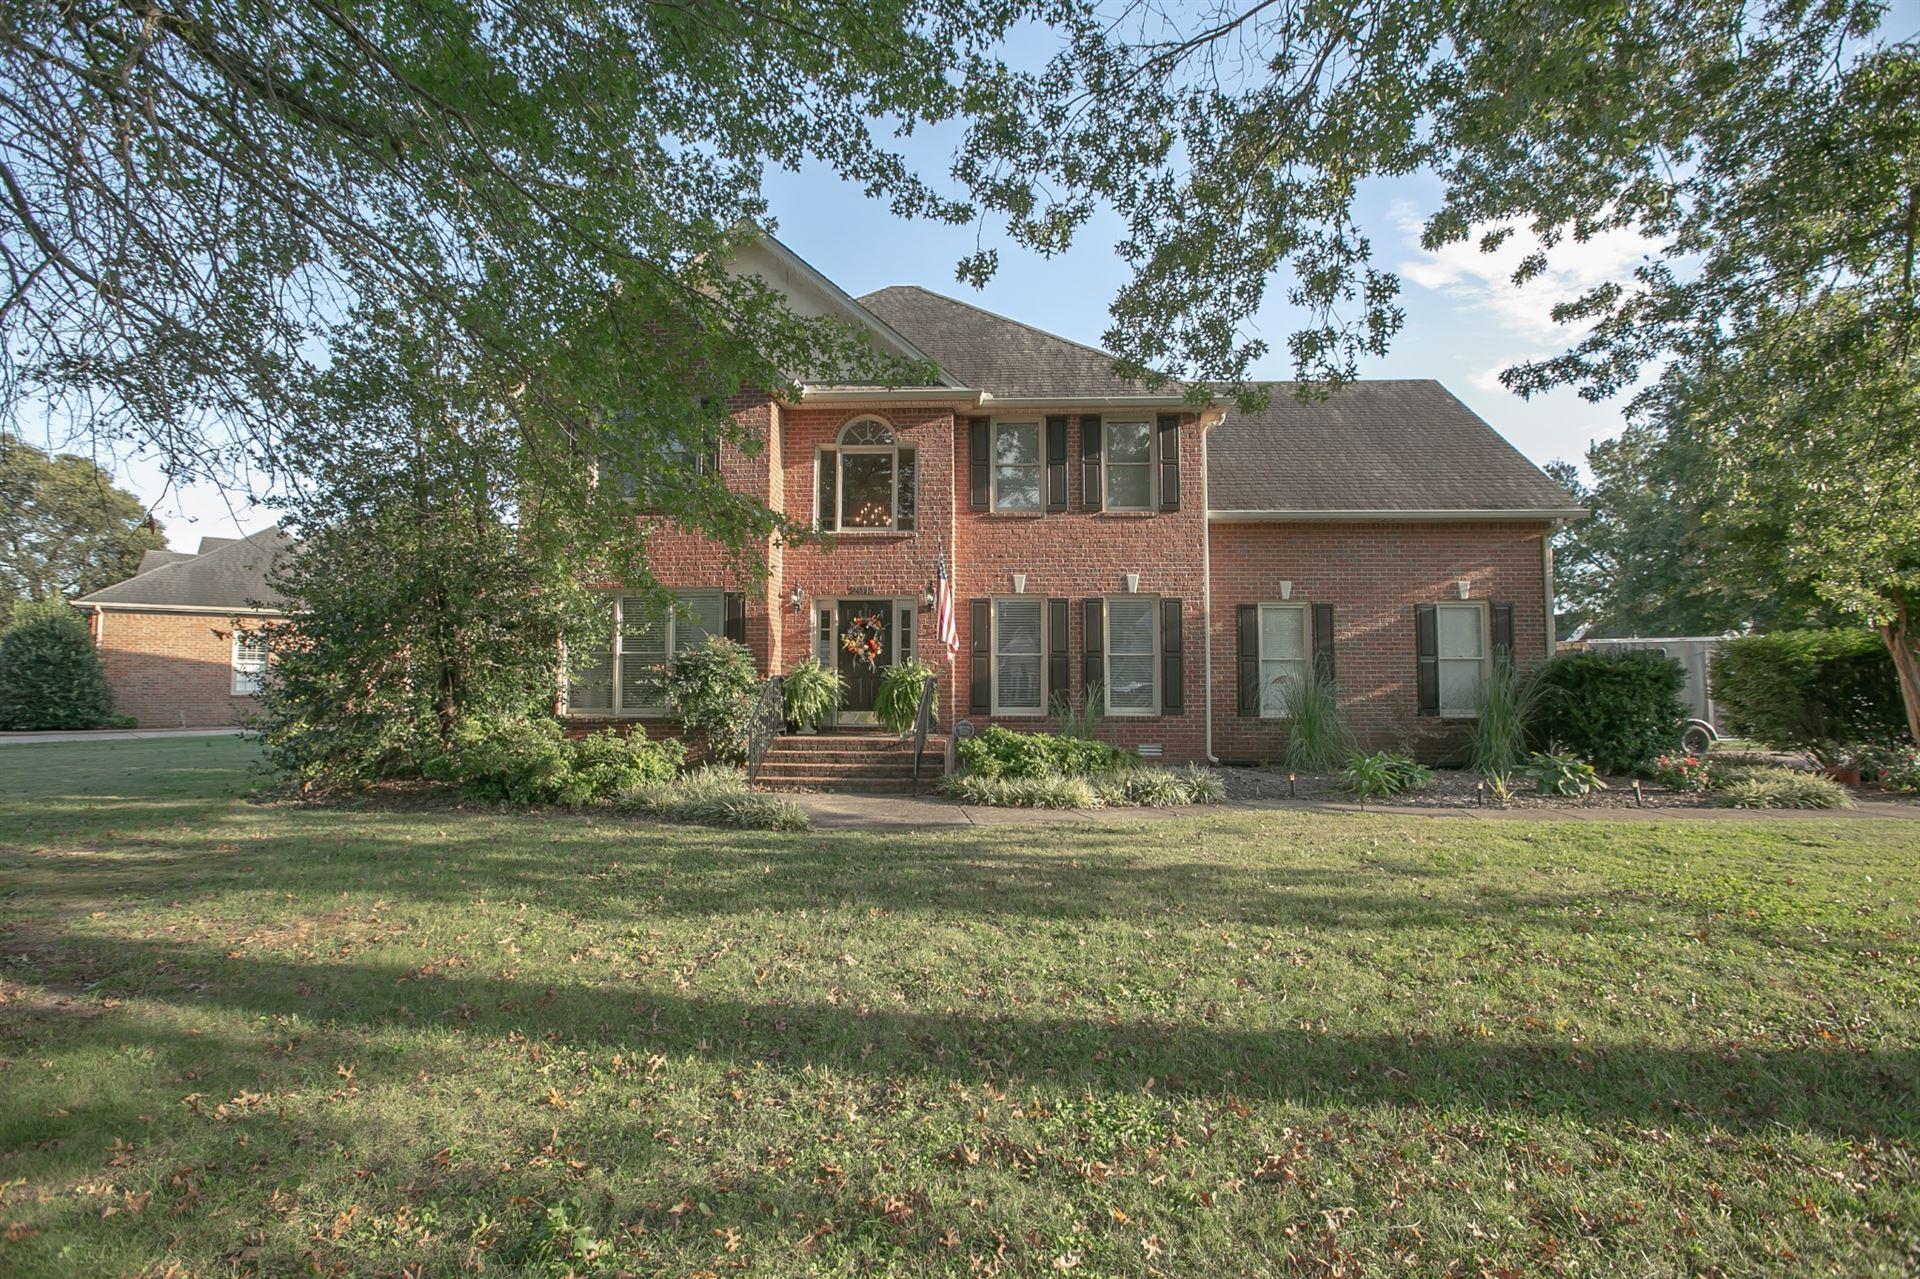 Photo of 2913 Palace Place, Murfreesboro, TN 37129 (MLS # 2299272)